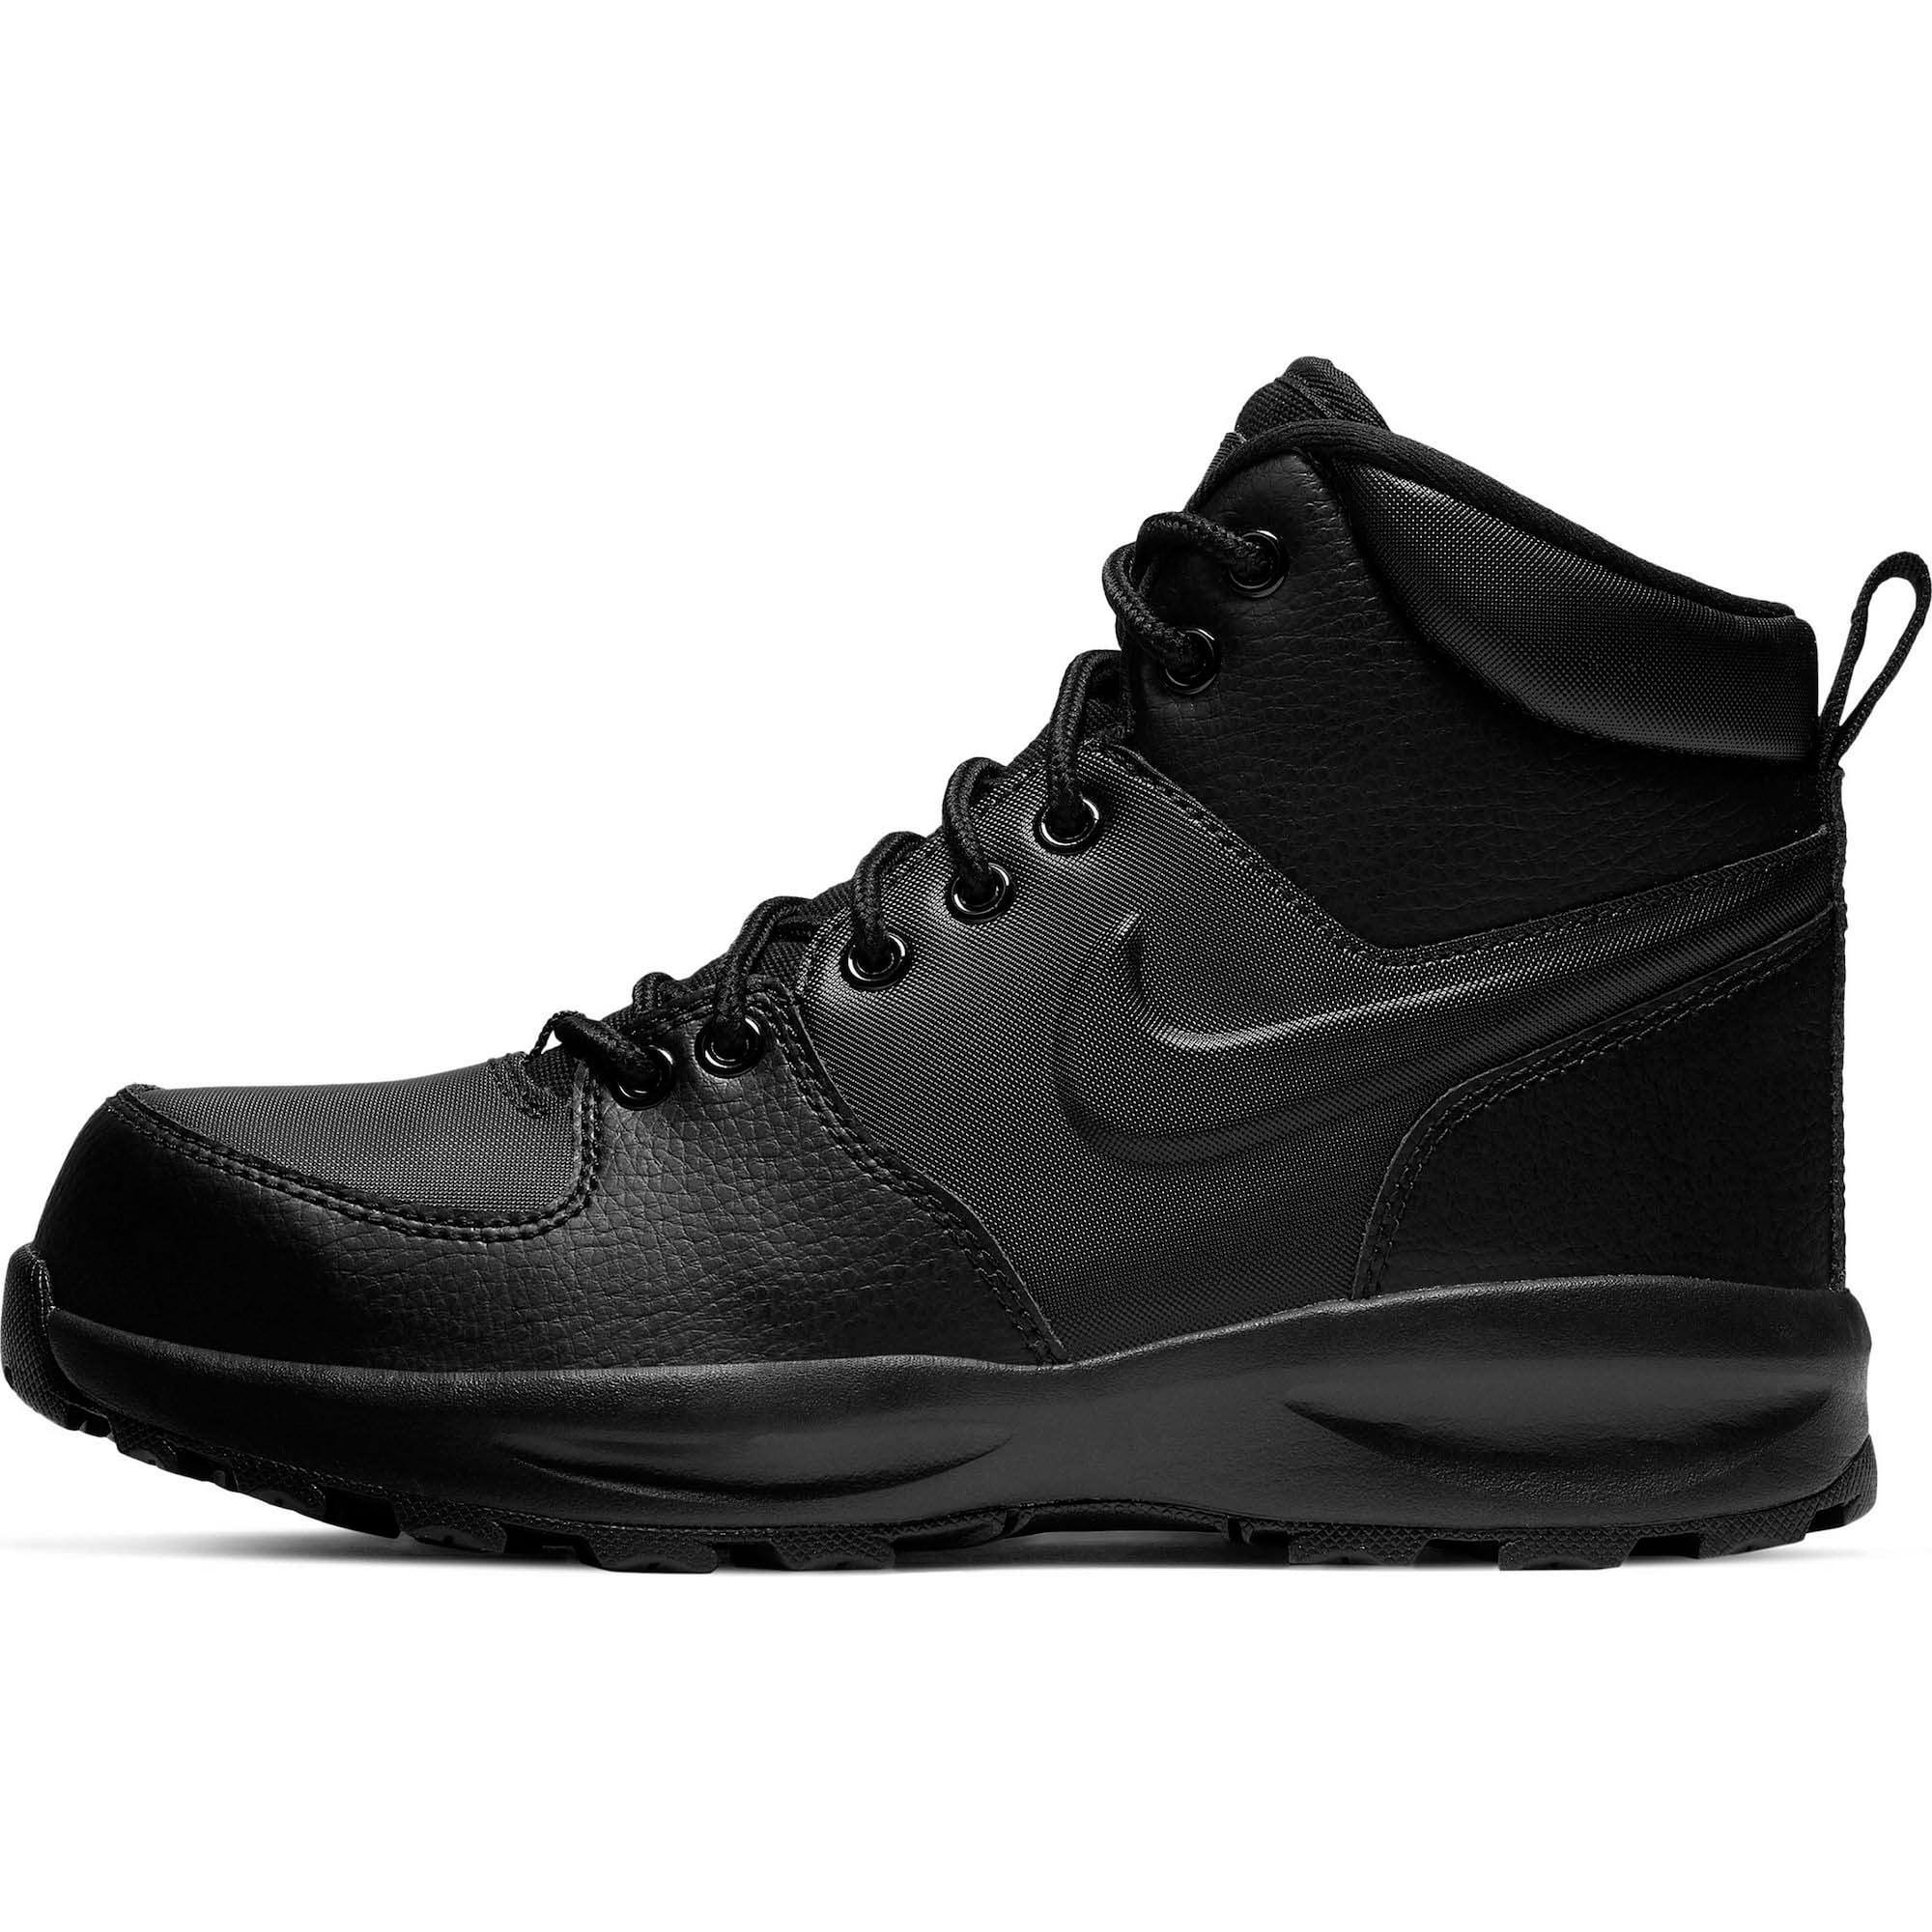 Nike Sportswear Auliniai batai su kulniuku 'Manoa' juoda